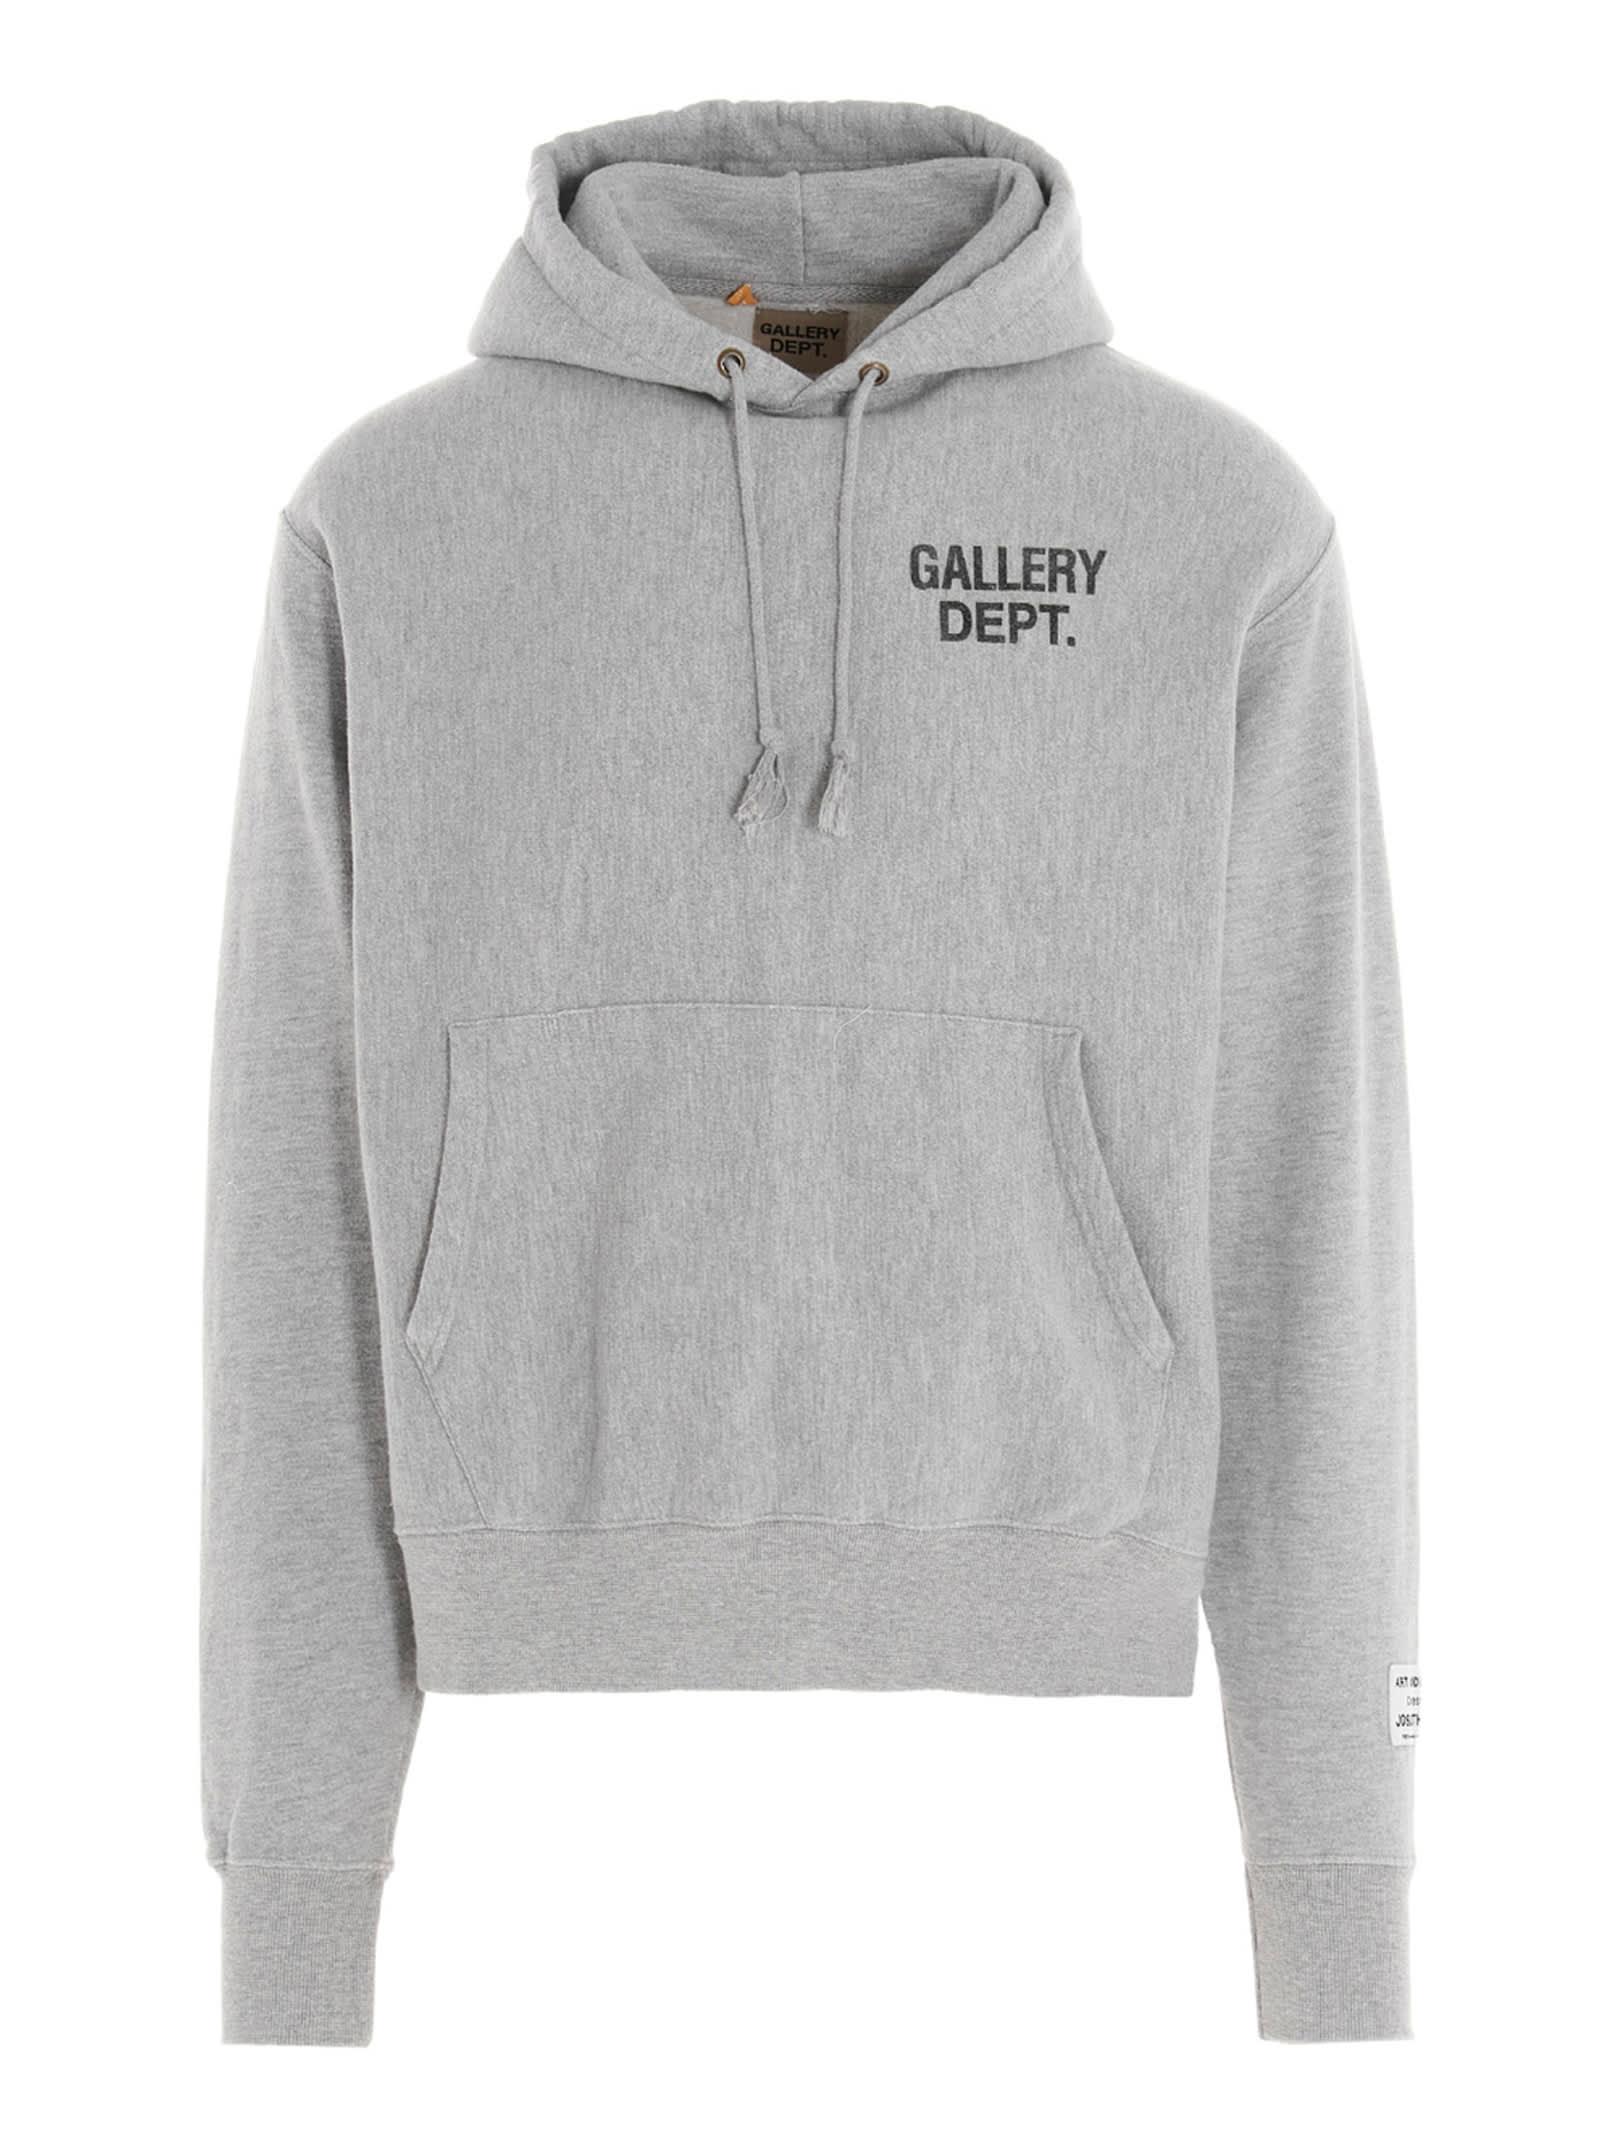 Gallery Dept. Hoodie